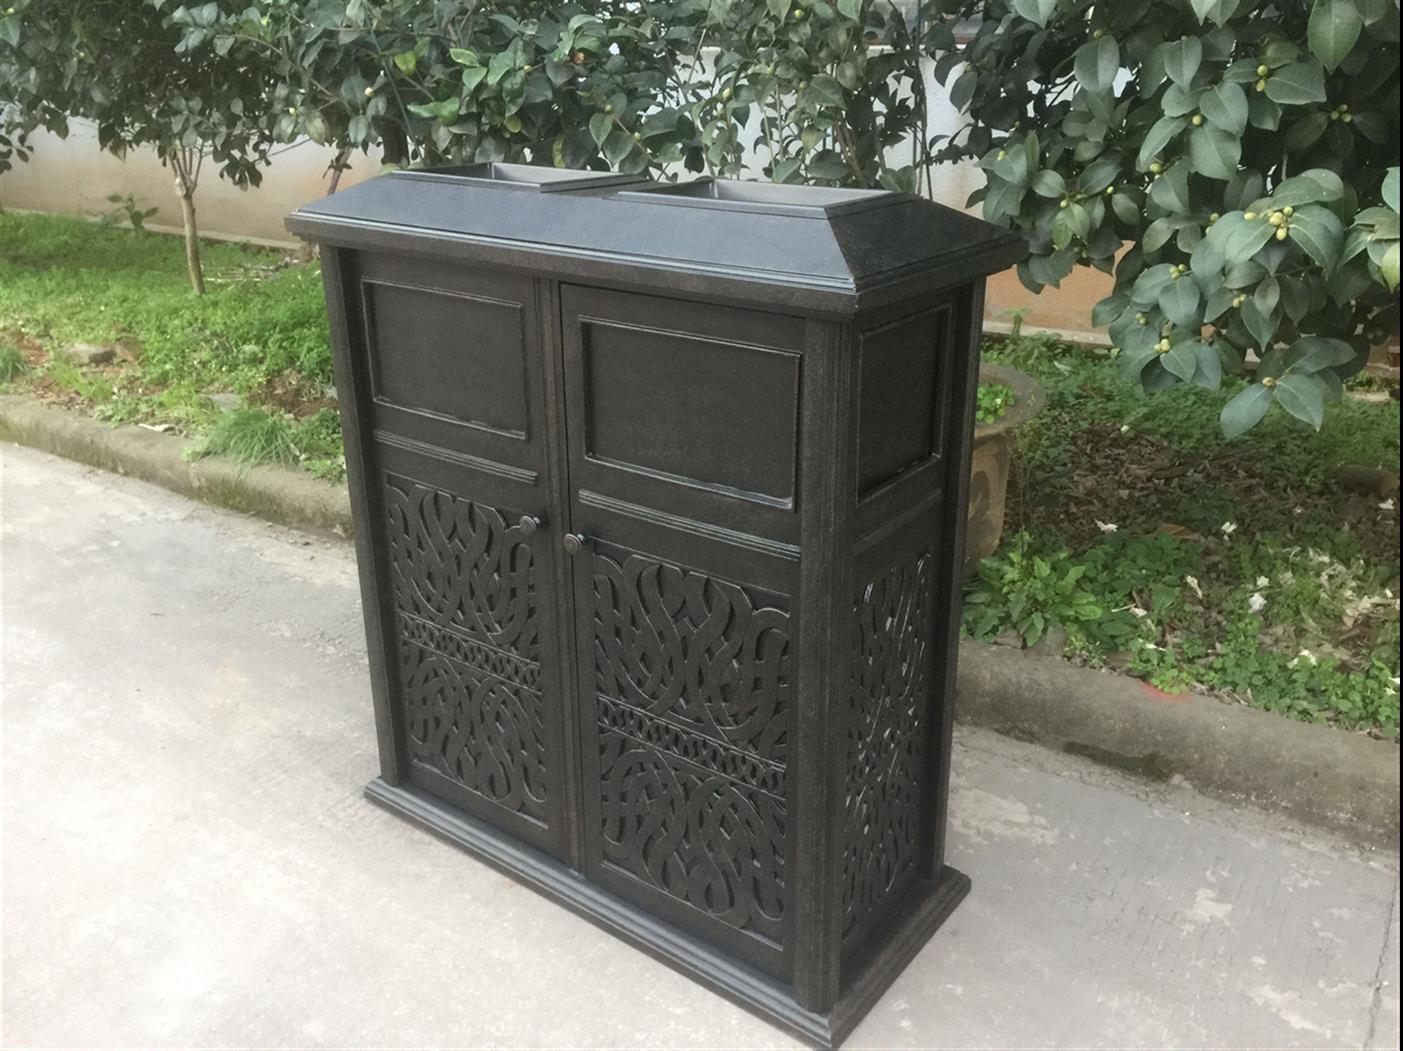 铝制垃圾桶定制-铝制垃圾桶